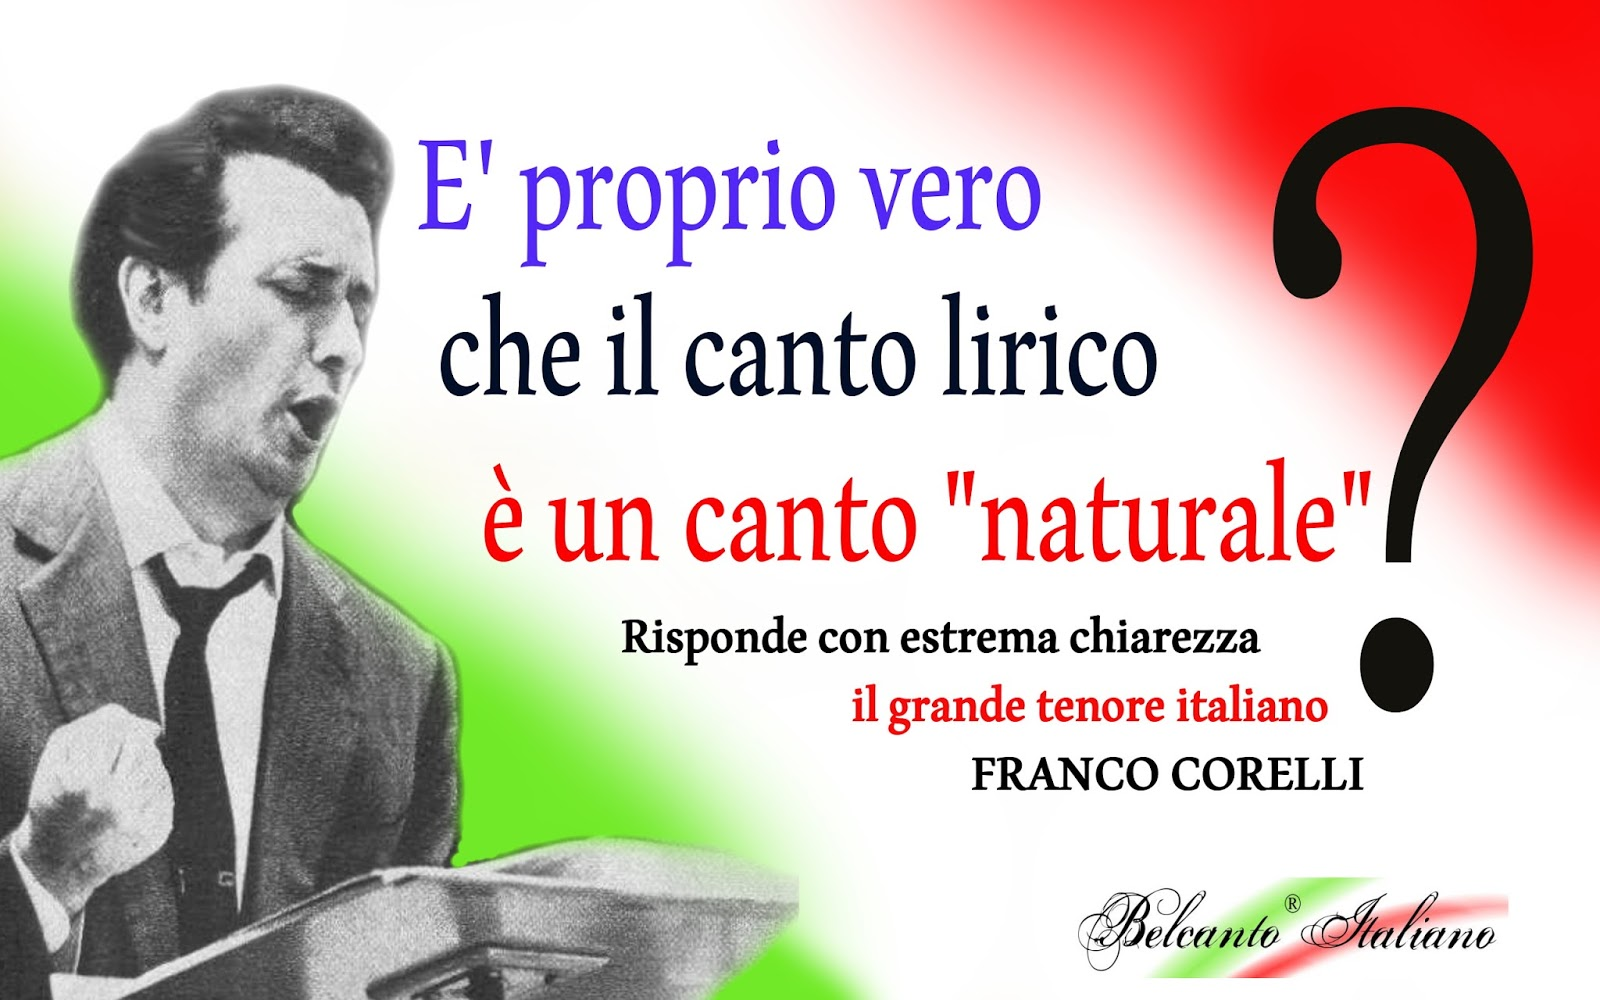 http://mottitecnicavocale.blogspot.com/2015/08/franco-corelli-insegna-la-tecnica-delle.html